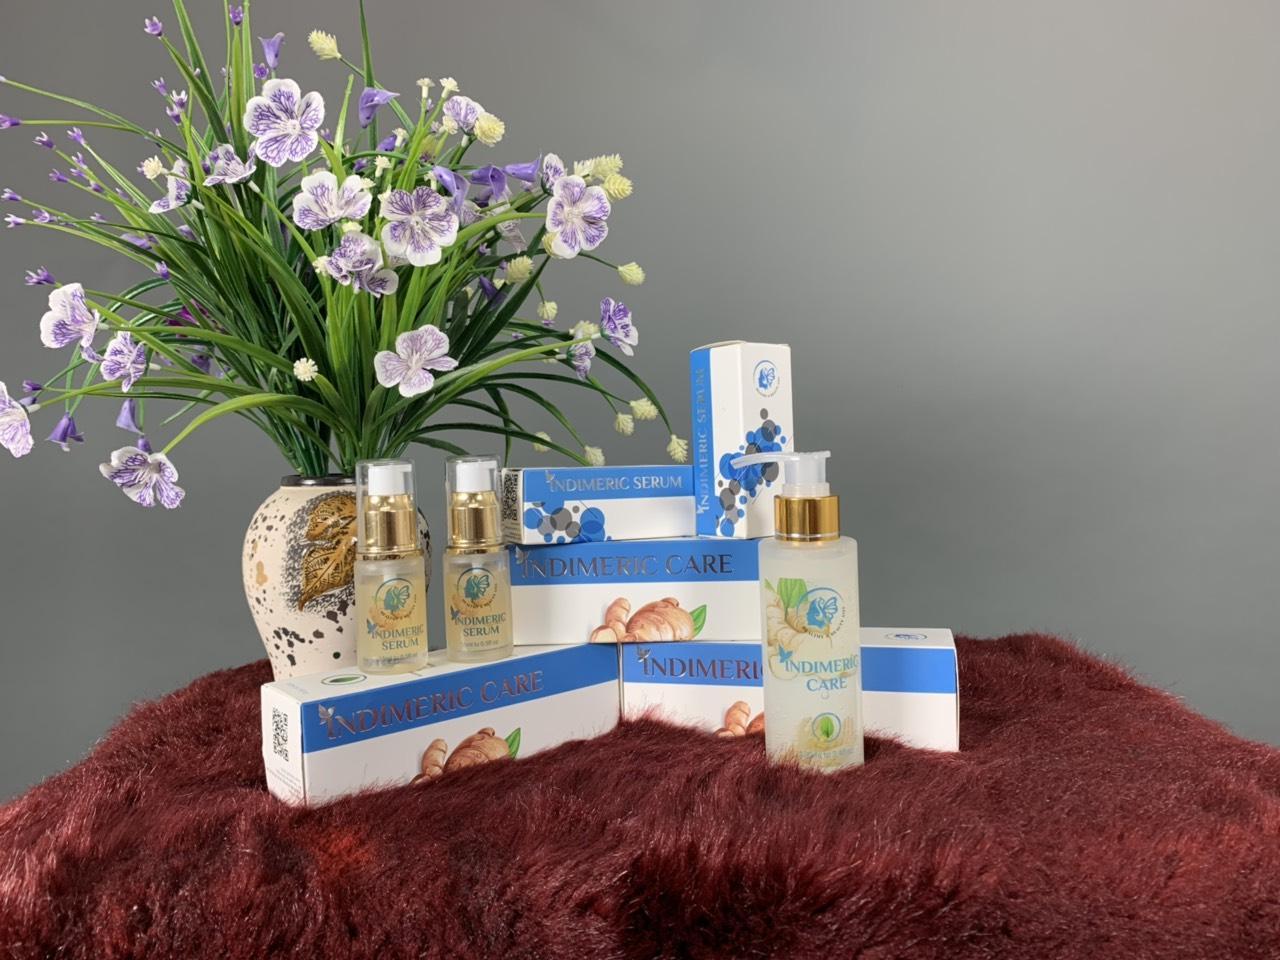 Combo trị mụn INDIMERIC chiết xuất từ nghệ trắng Ấn Độ (Serum & sửa rửa mặt) nhập khẩu